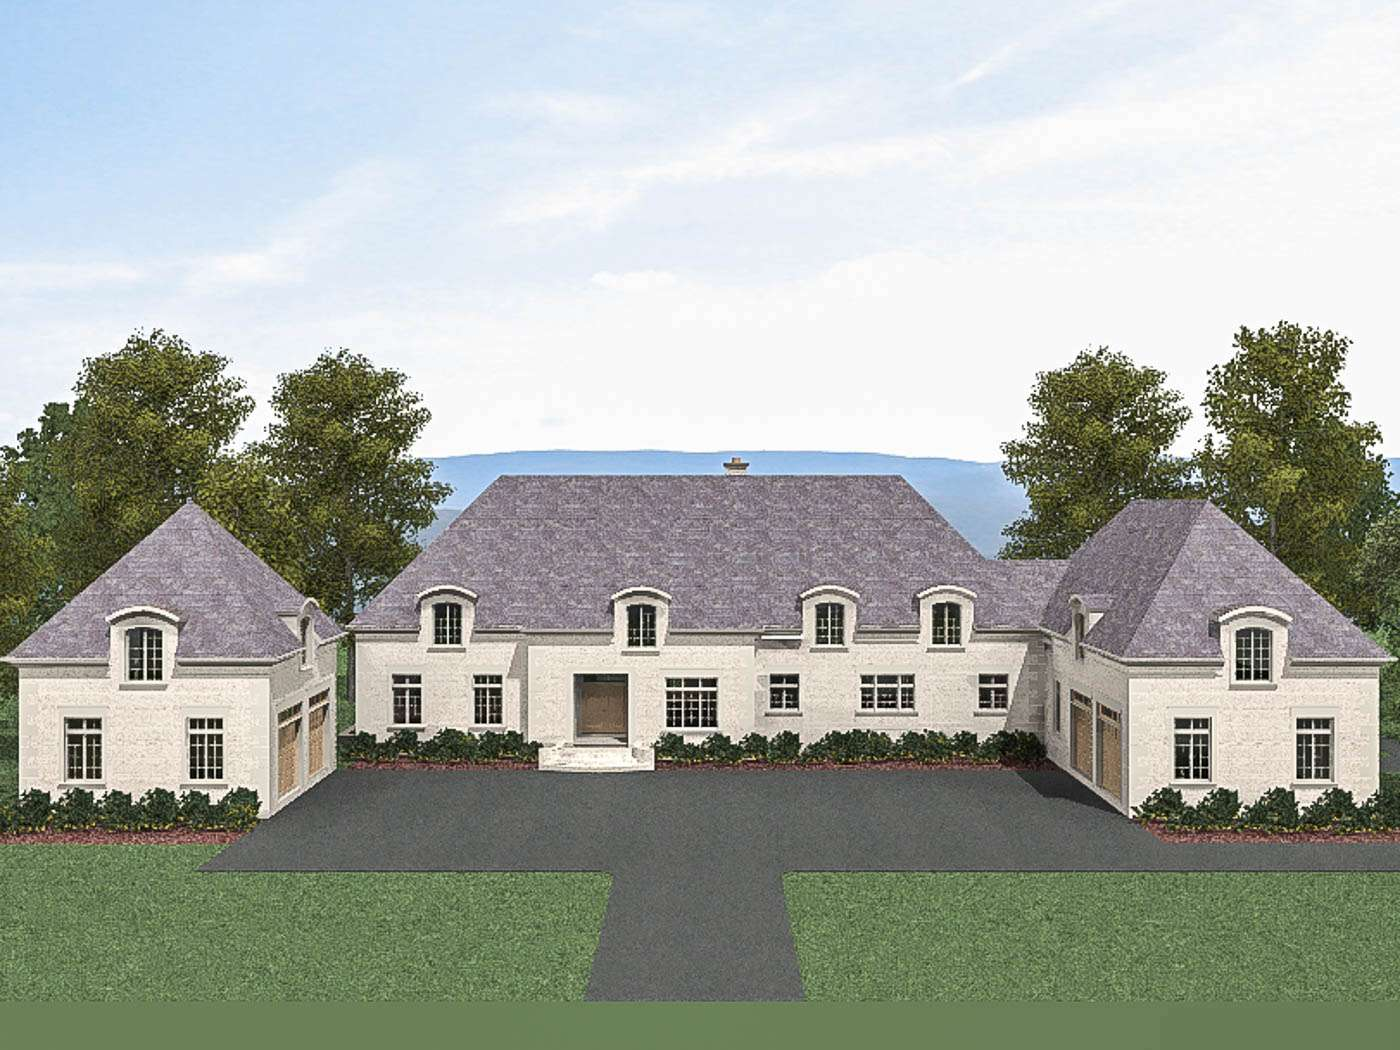 Green Hill Manor Version 1 Exterior 1